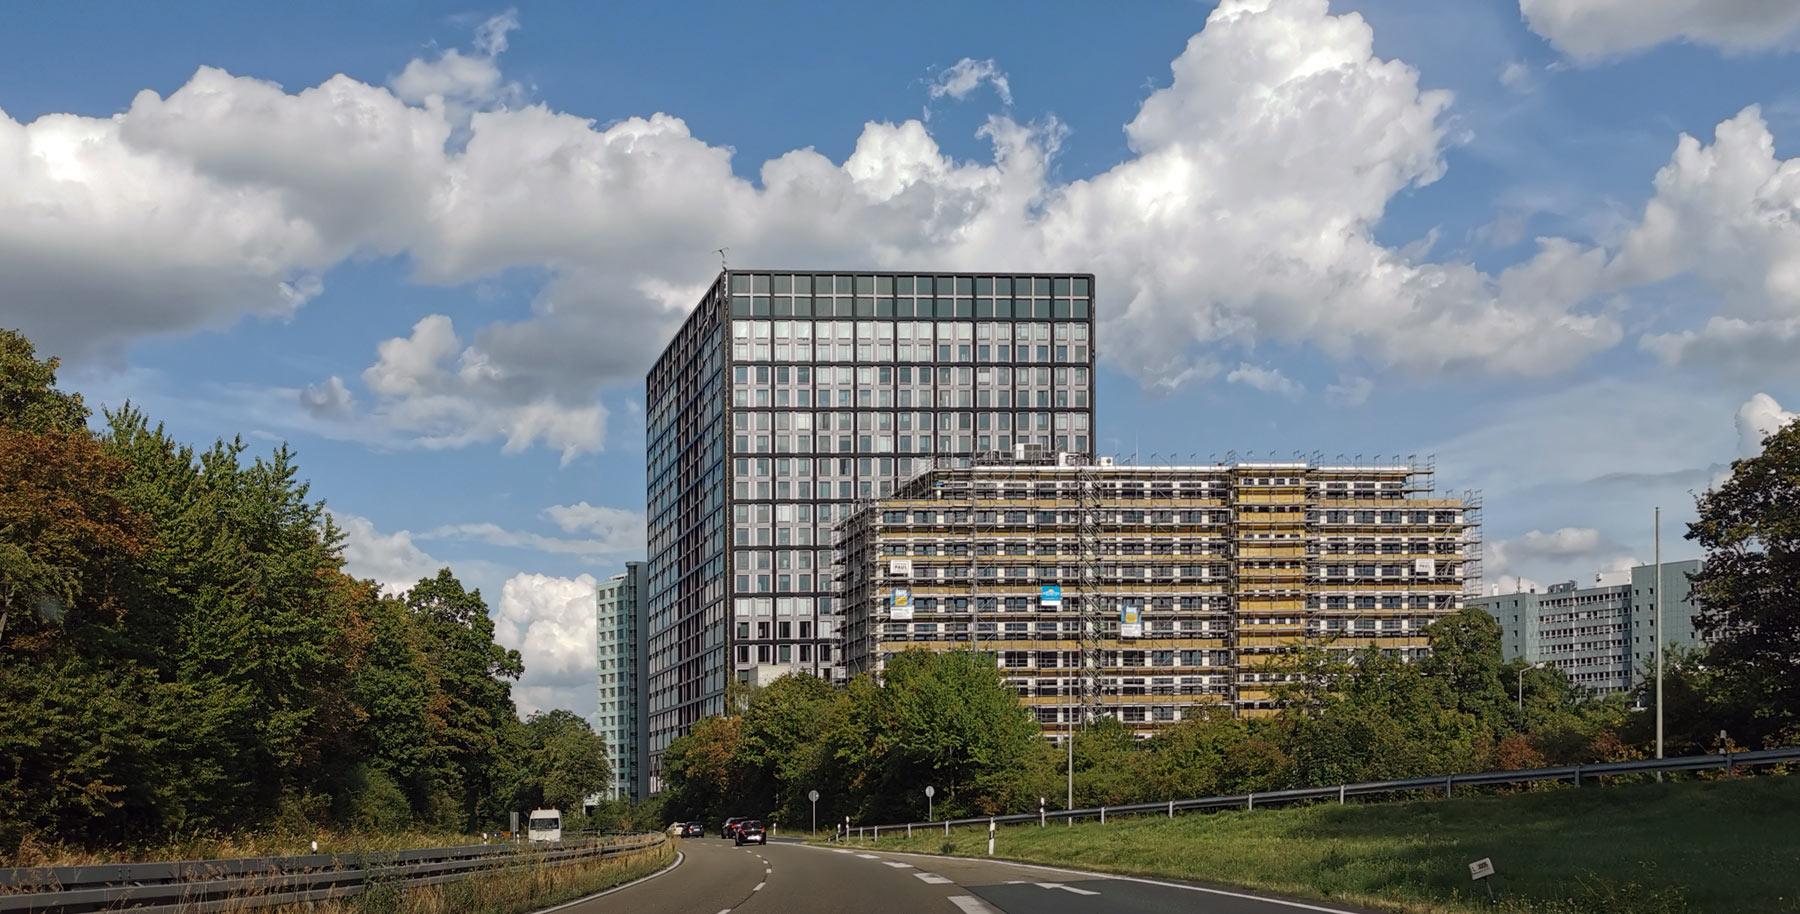 The Cube Eschborn - Deutsche Börse AG in Eschborn - The Cube Deutsche Börse - KSP Engel & Zimmermann